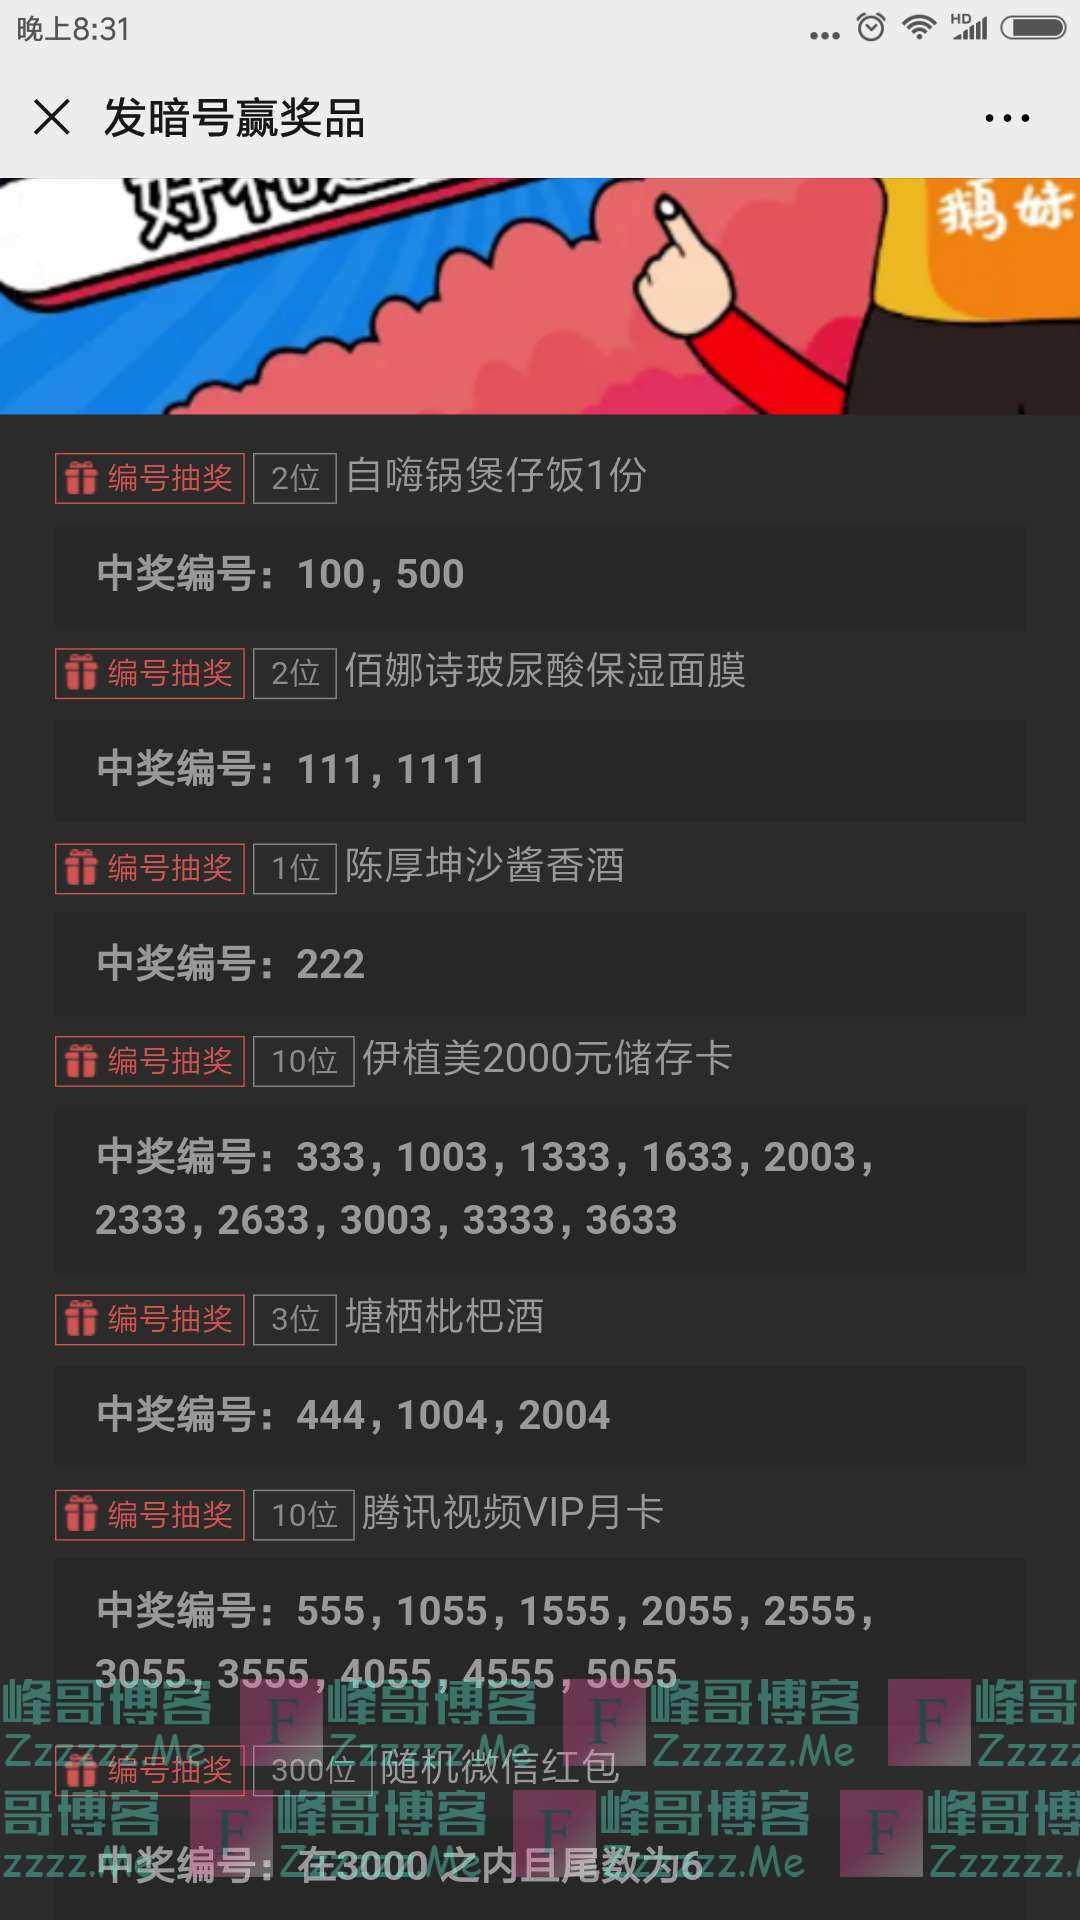 西湖鹅厂抢最高200元现金红包(截止不详)